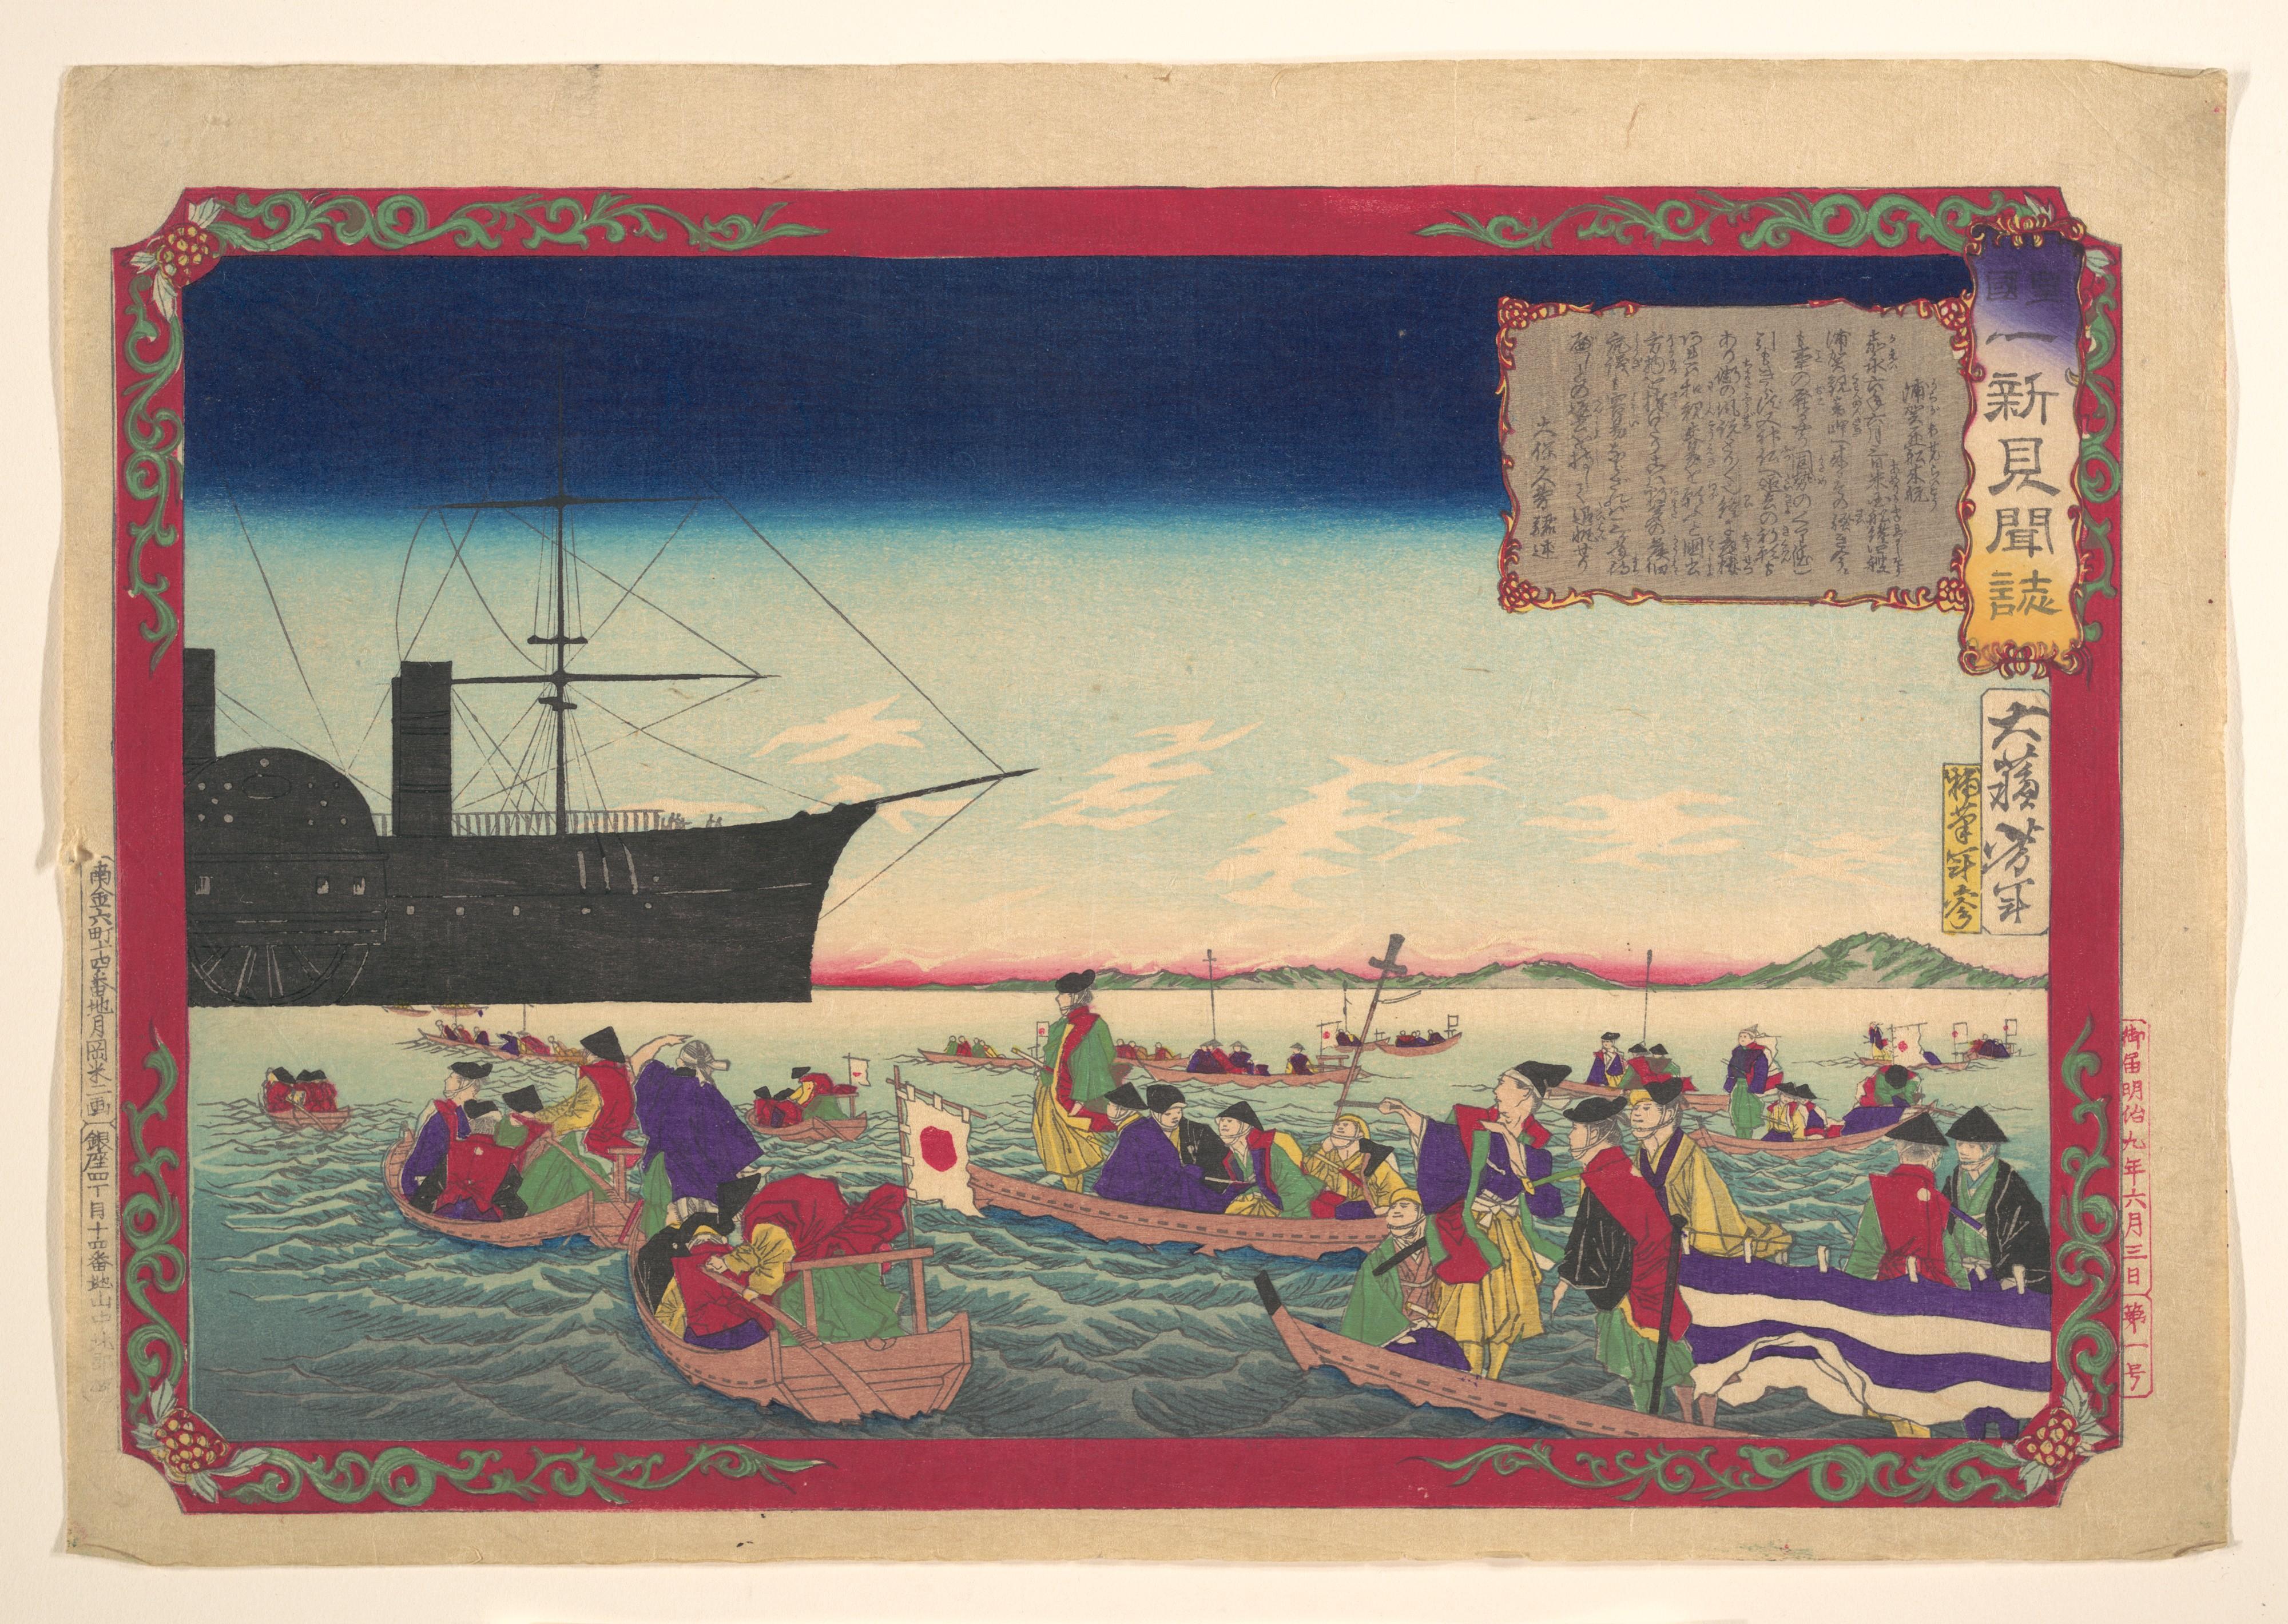 1876 woodblock print by Tsukioka Yoshitoshi